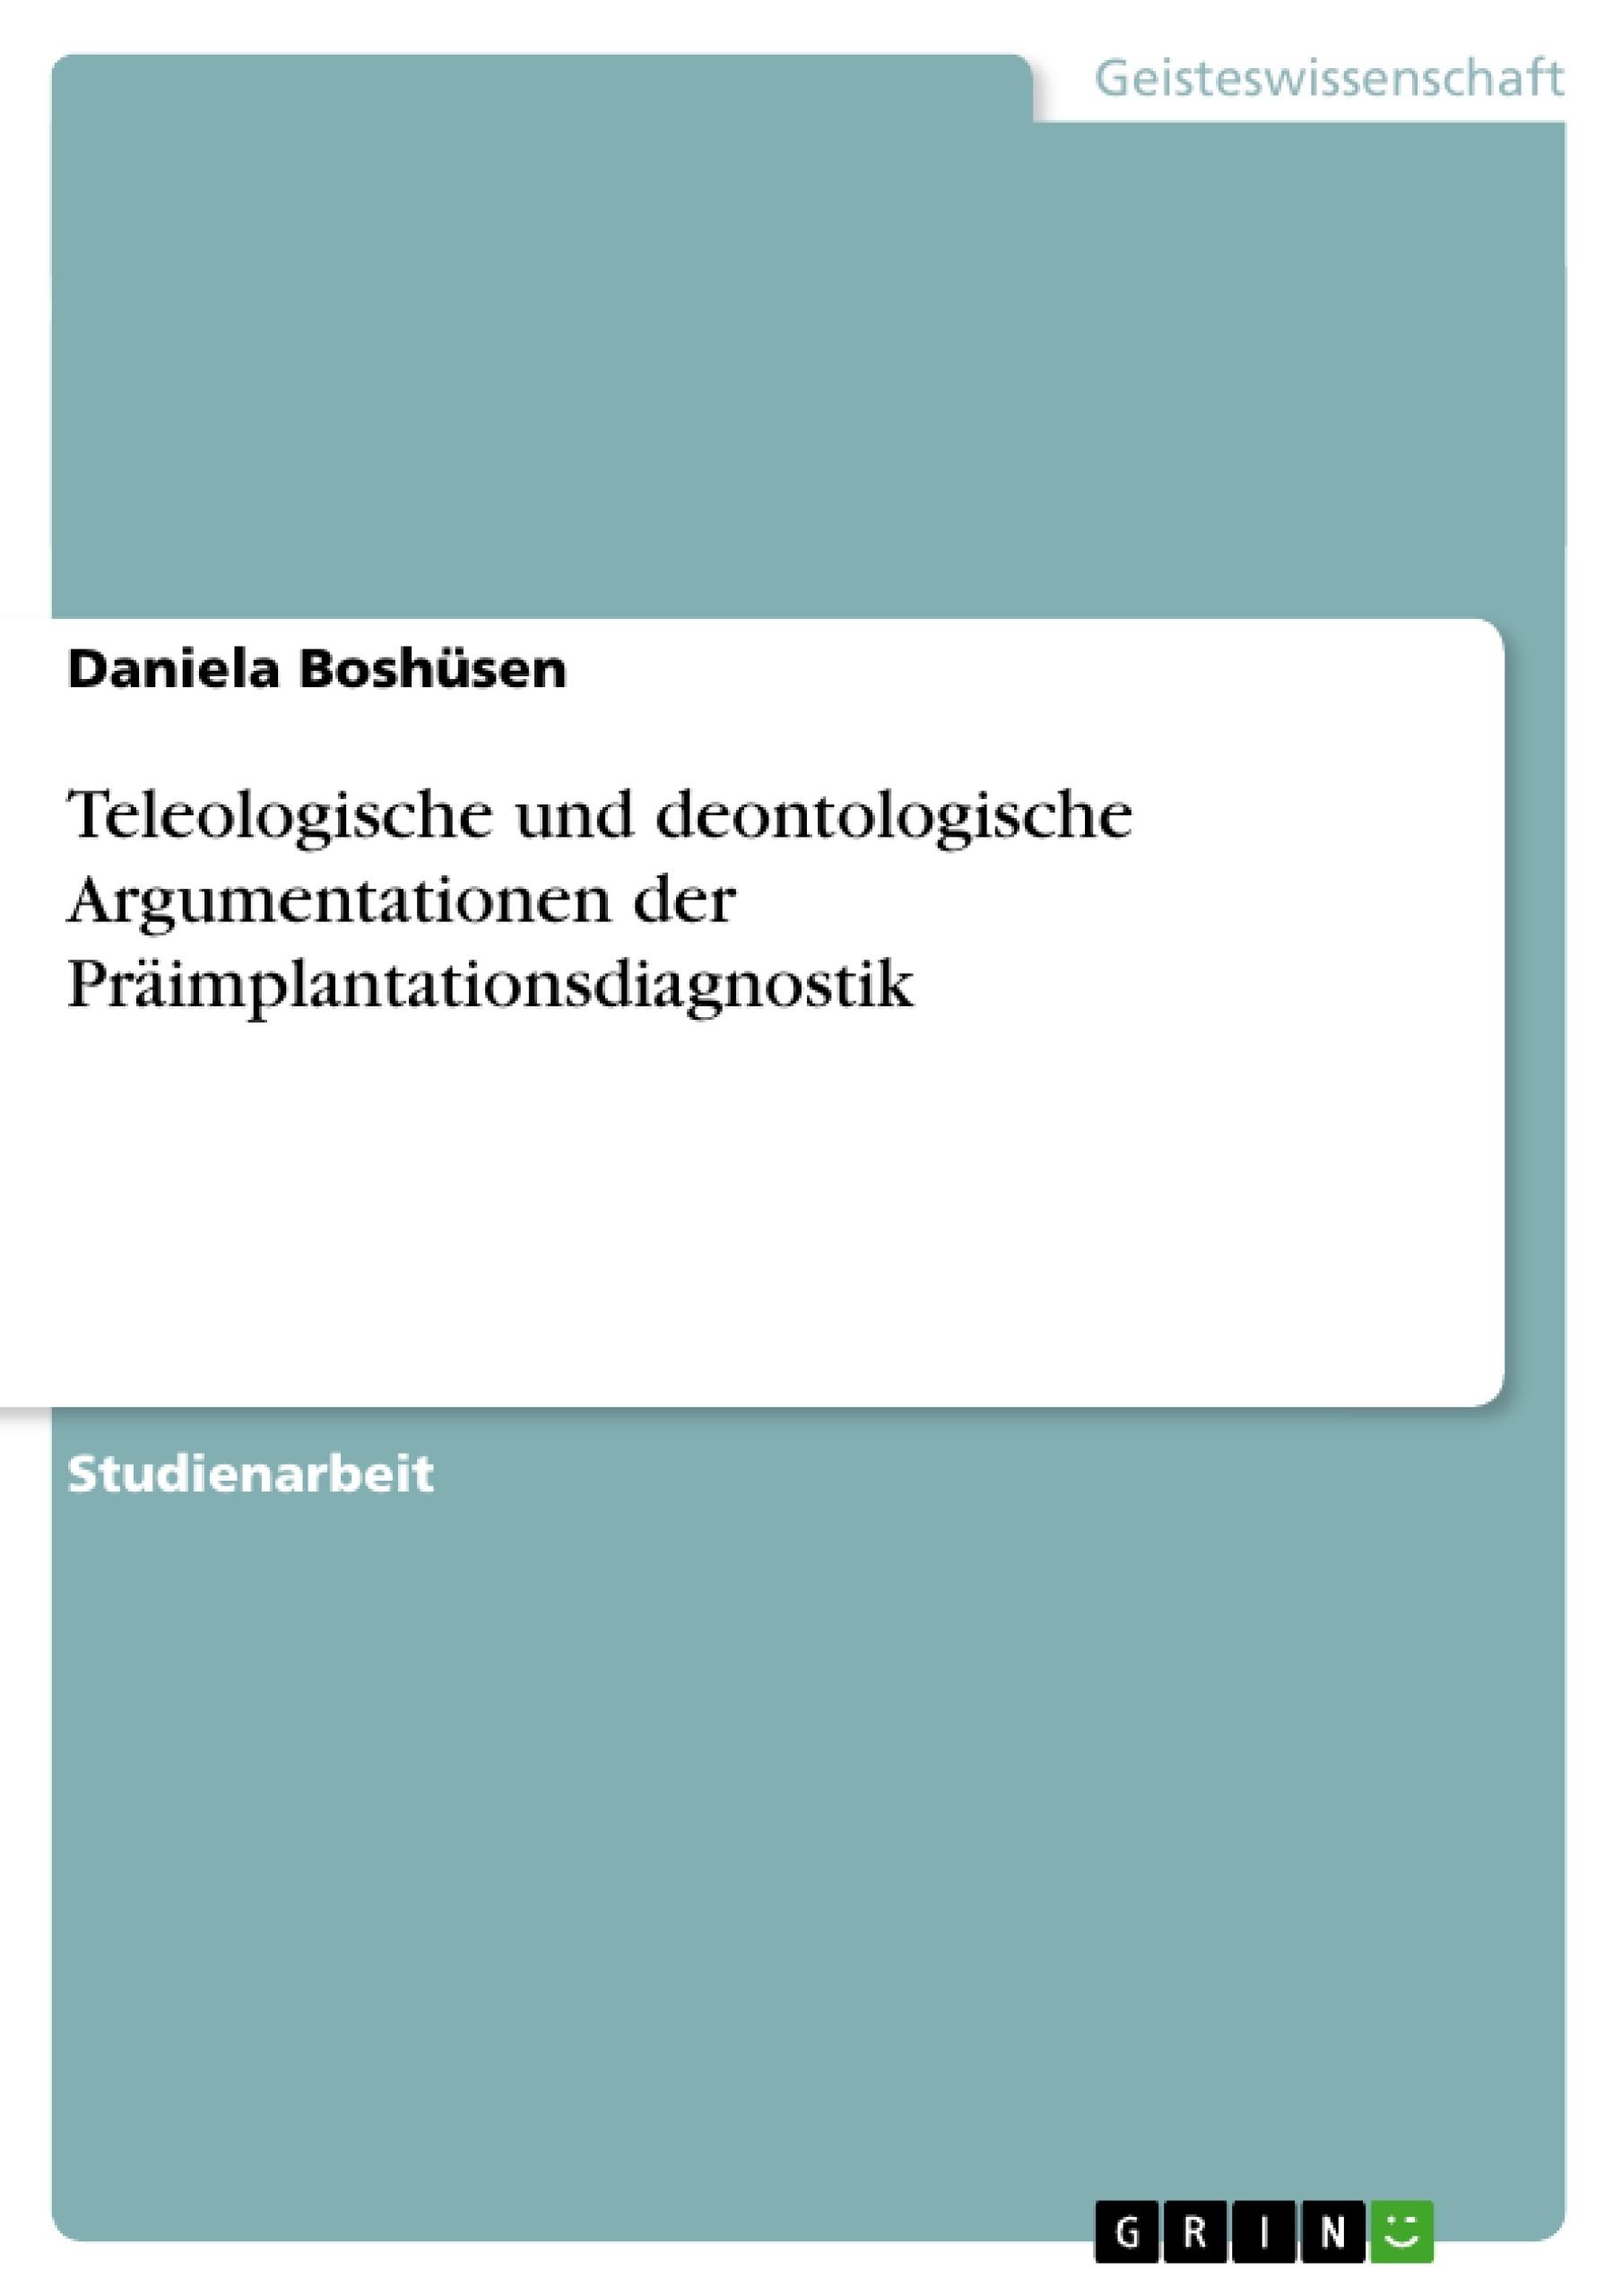 Titel: Teleologische und deontologische Argumentationen der Präimplantationsdiagnostik